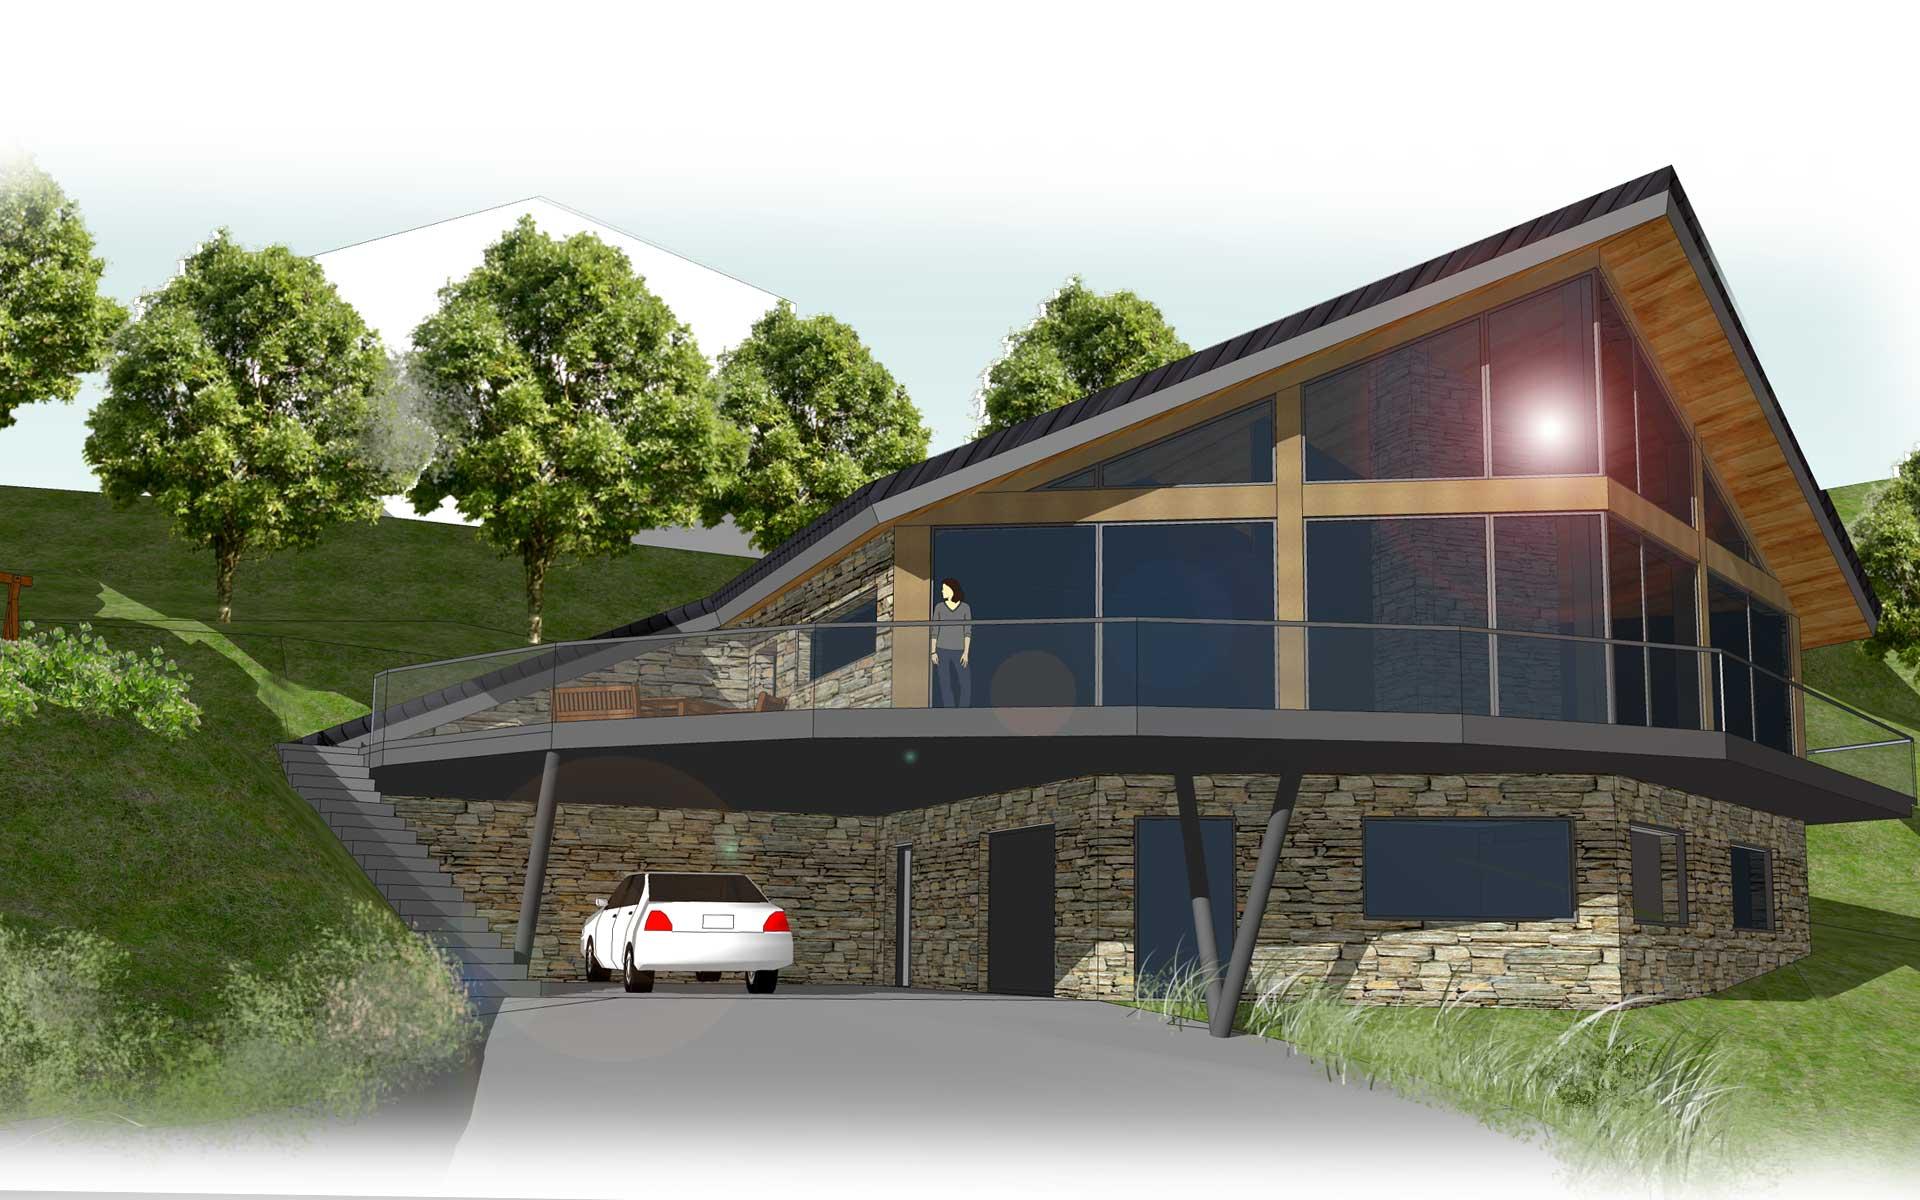 architecte maison passive duune maison maison haute savoie passive plan duune ralisation en. Black Bedroom Furniture Sets. Home Design Ideas